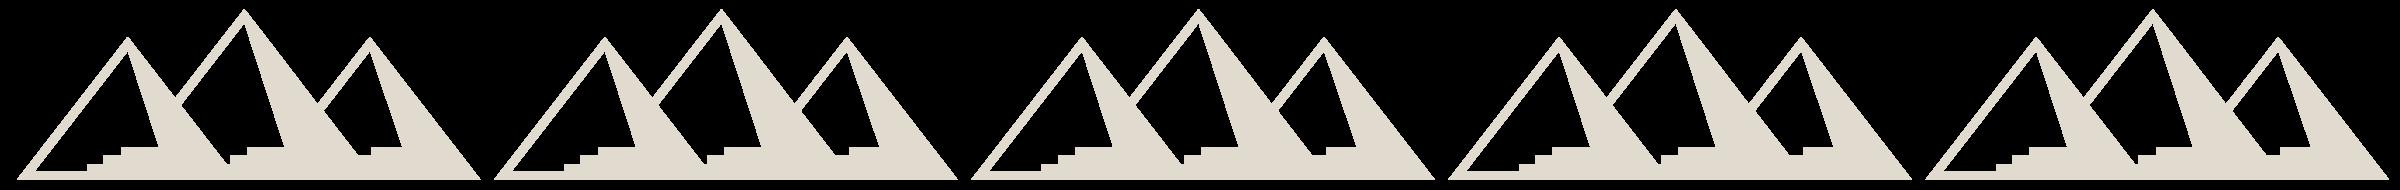 pyramids1 Home